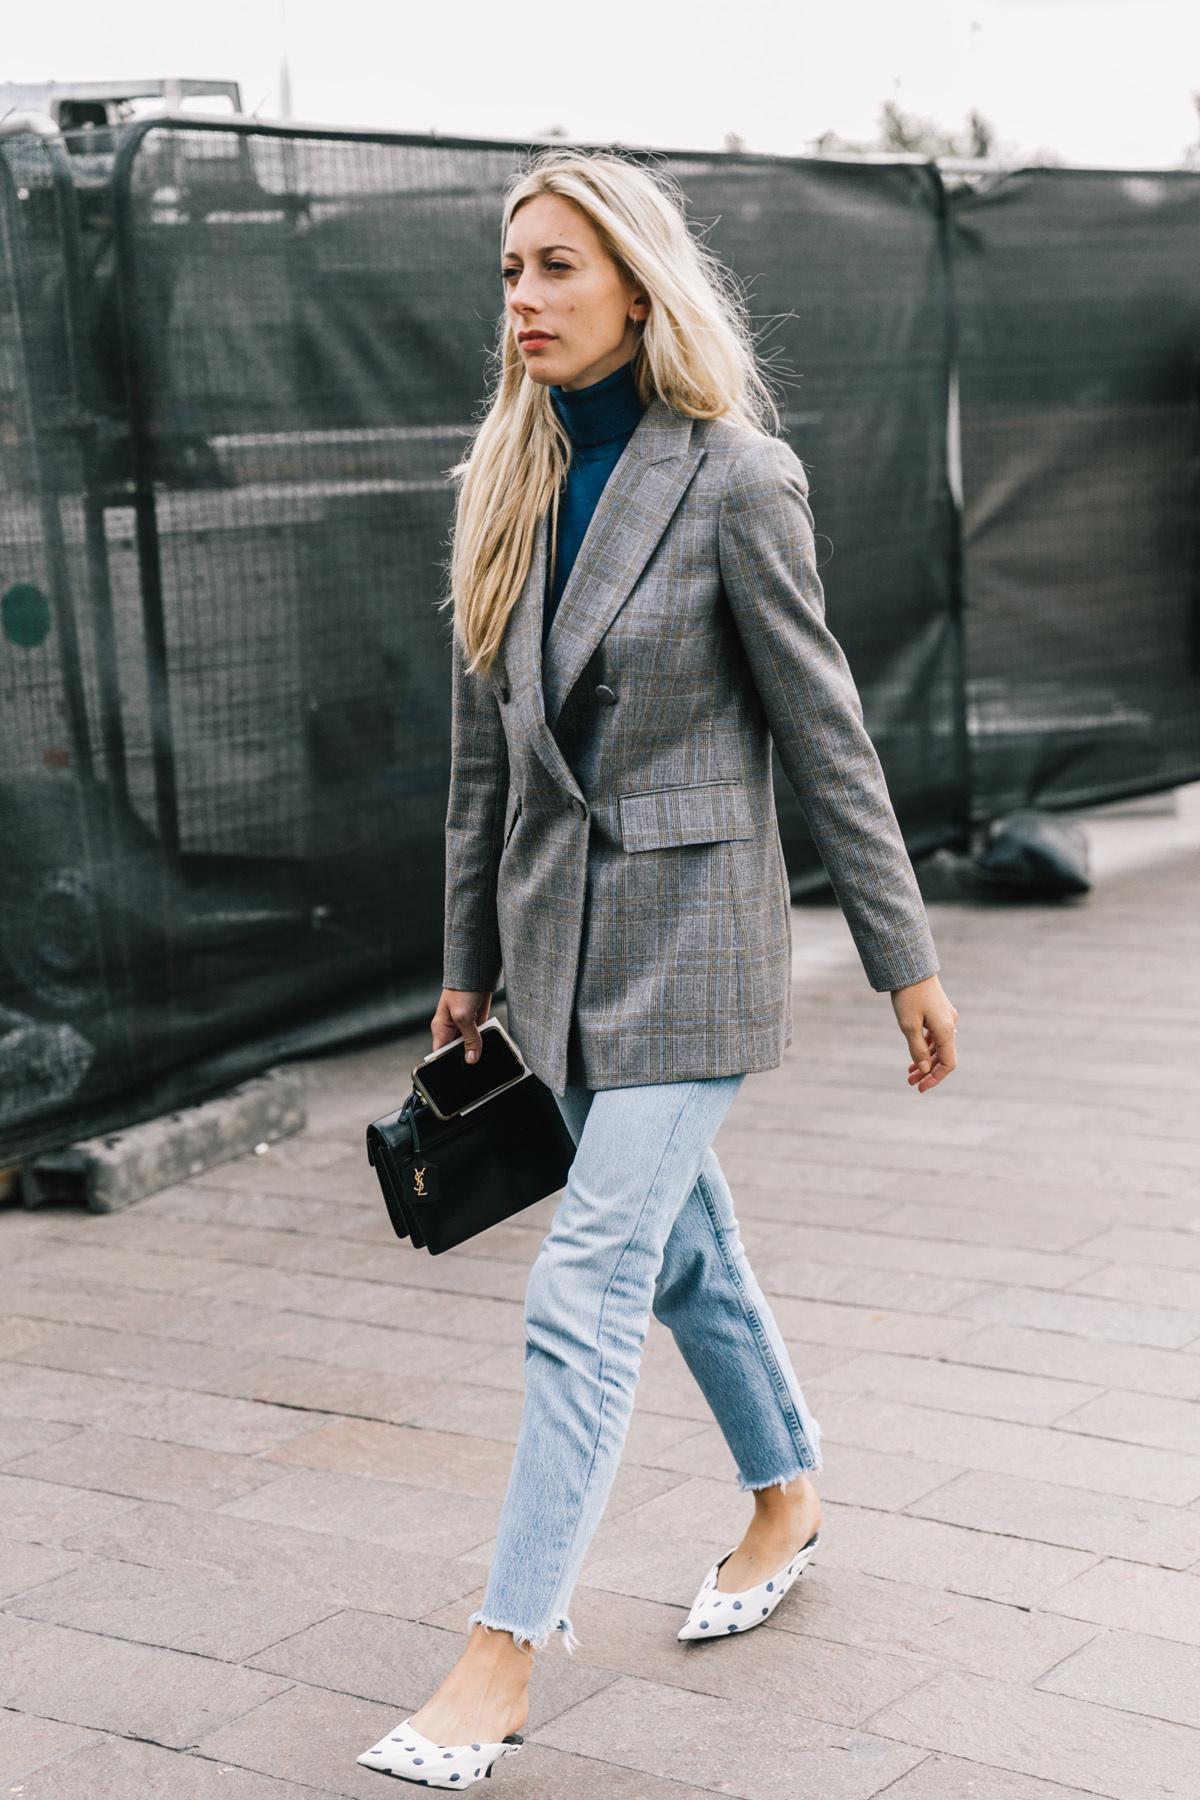 phong cách thời trang menswear áo khoác blazer boyfriend và giày chấm bi